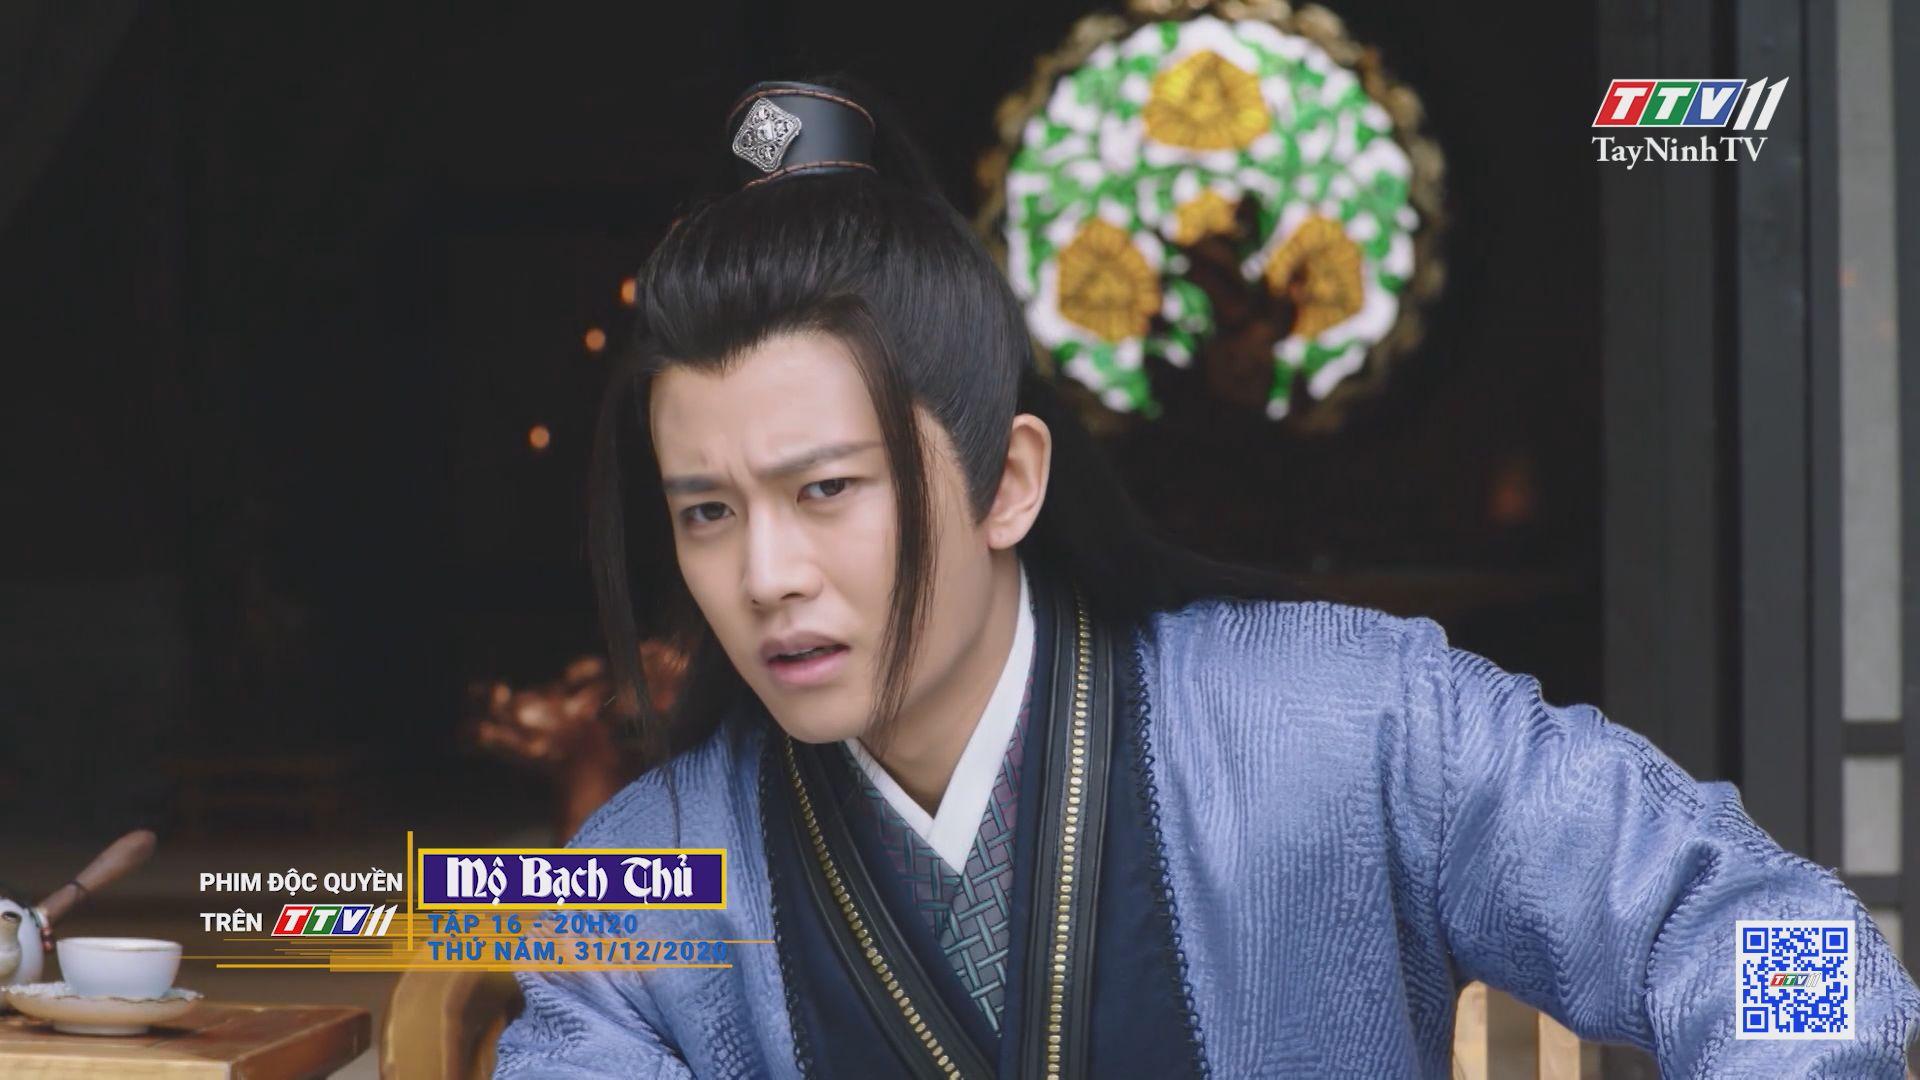 Mộ Bạch Thủ-TẬP 16 trailer | PHIM MỘ BẠCH THỦ | TayNinhTV